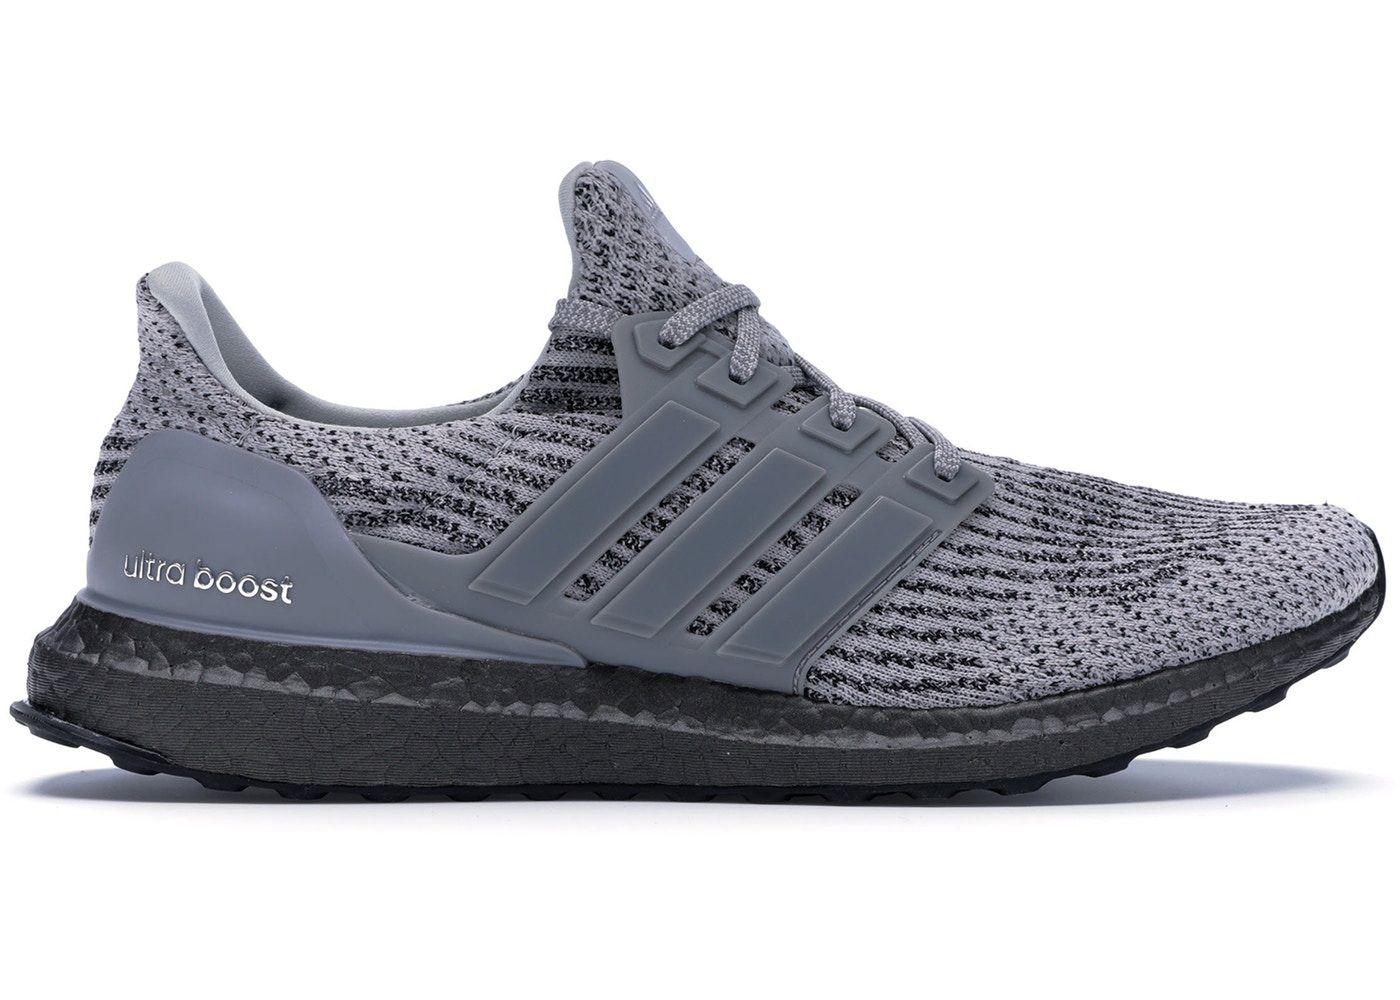 8f7a1371 adidas Ultra Boost 3.0 Triple Grey in 2019 | Shoes | Adidas, Adidas ...